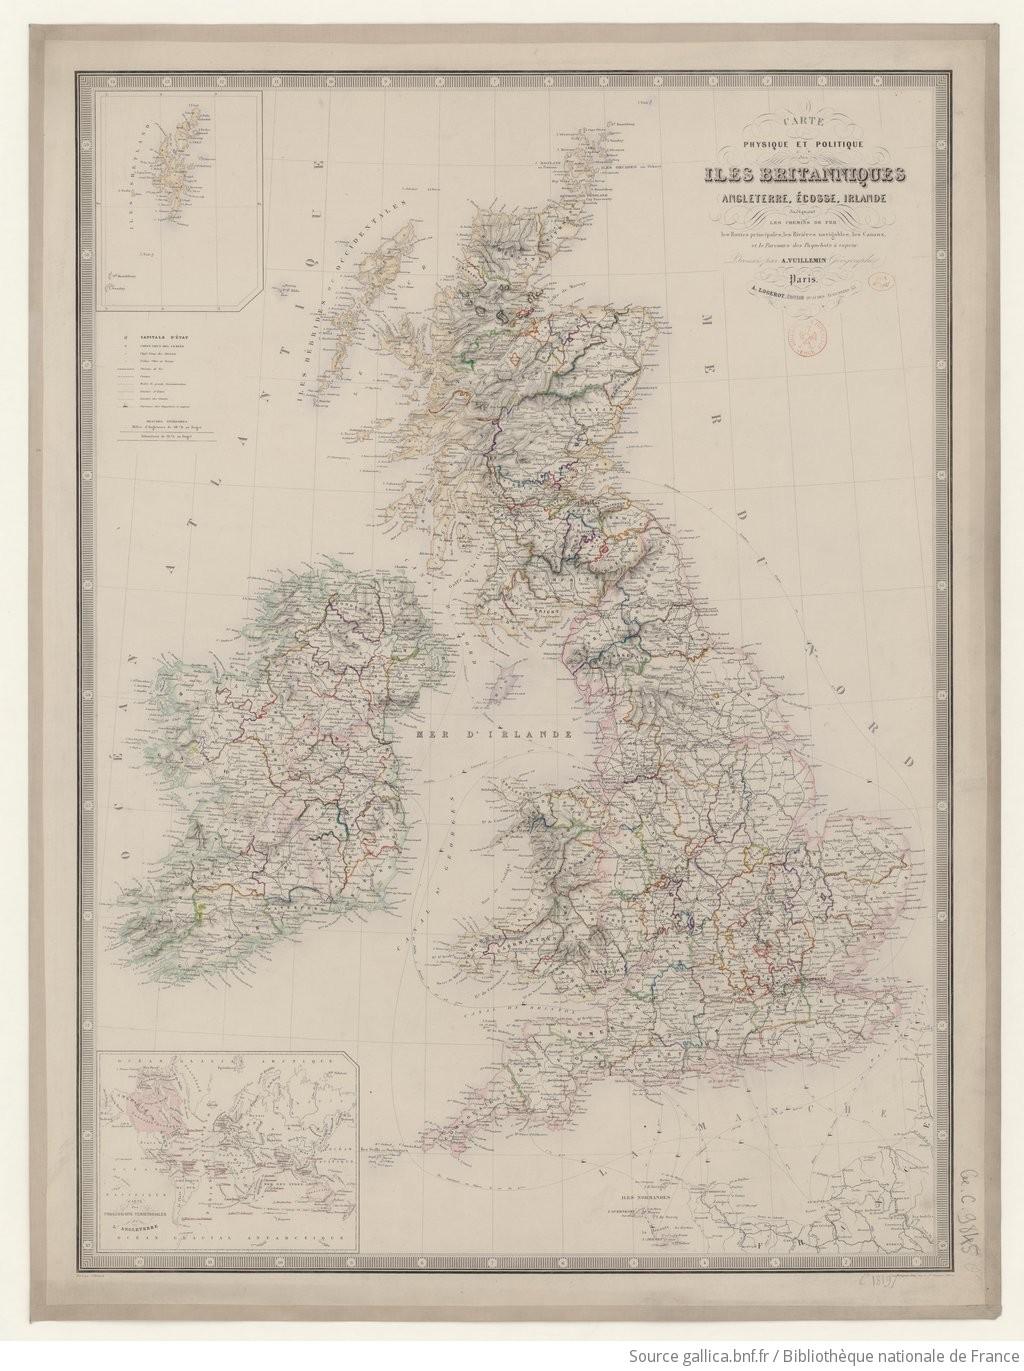 Carte Angleterre Ecosse.Carte Physique Et Politique Des Iles Britanniques Angleterre Ecosse